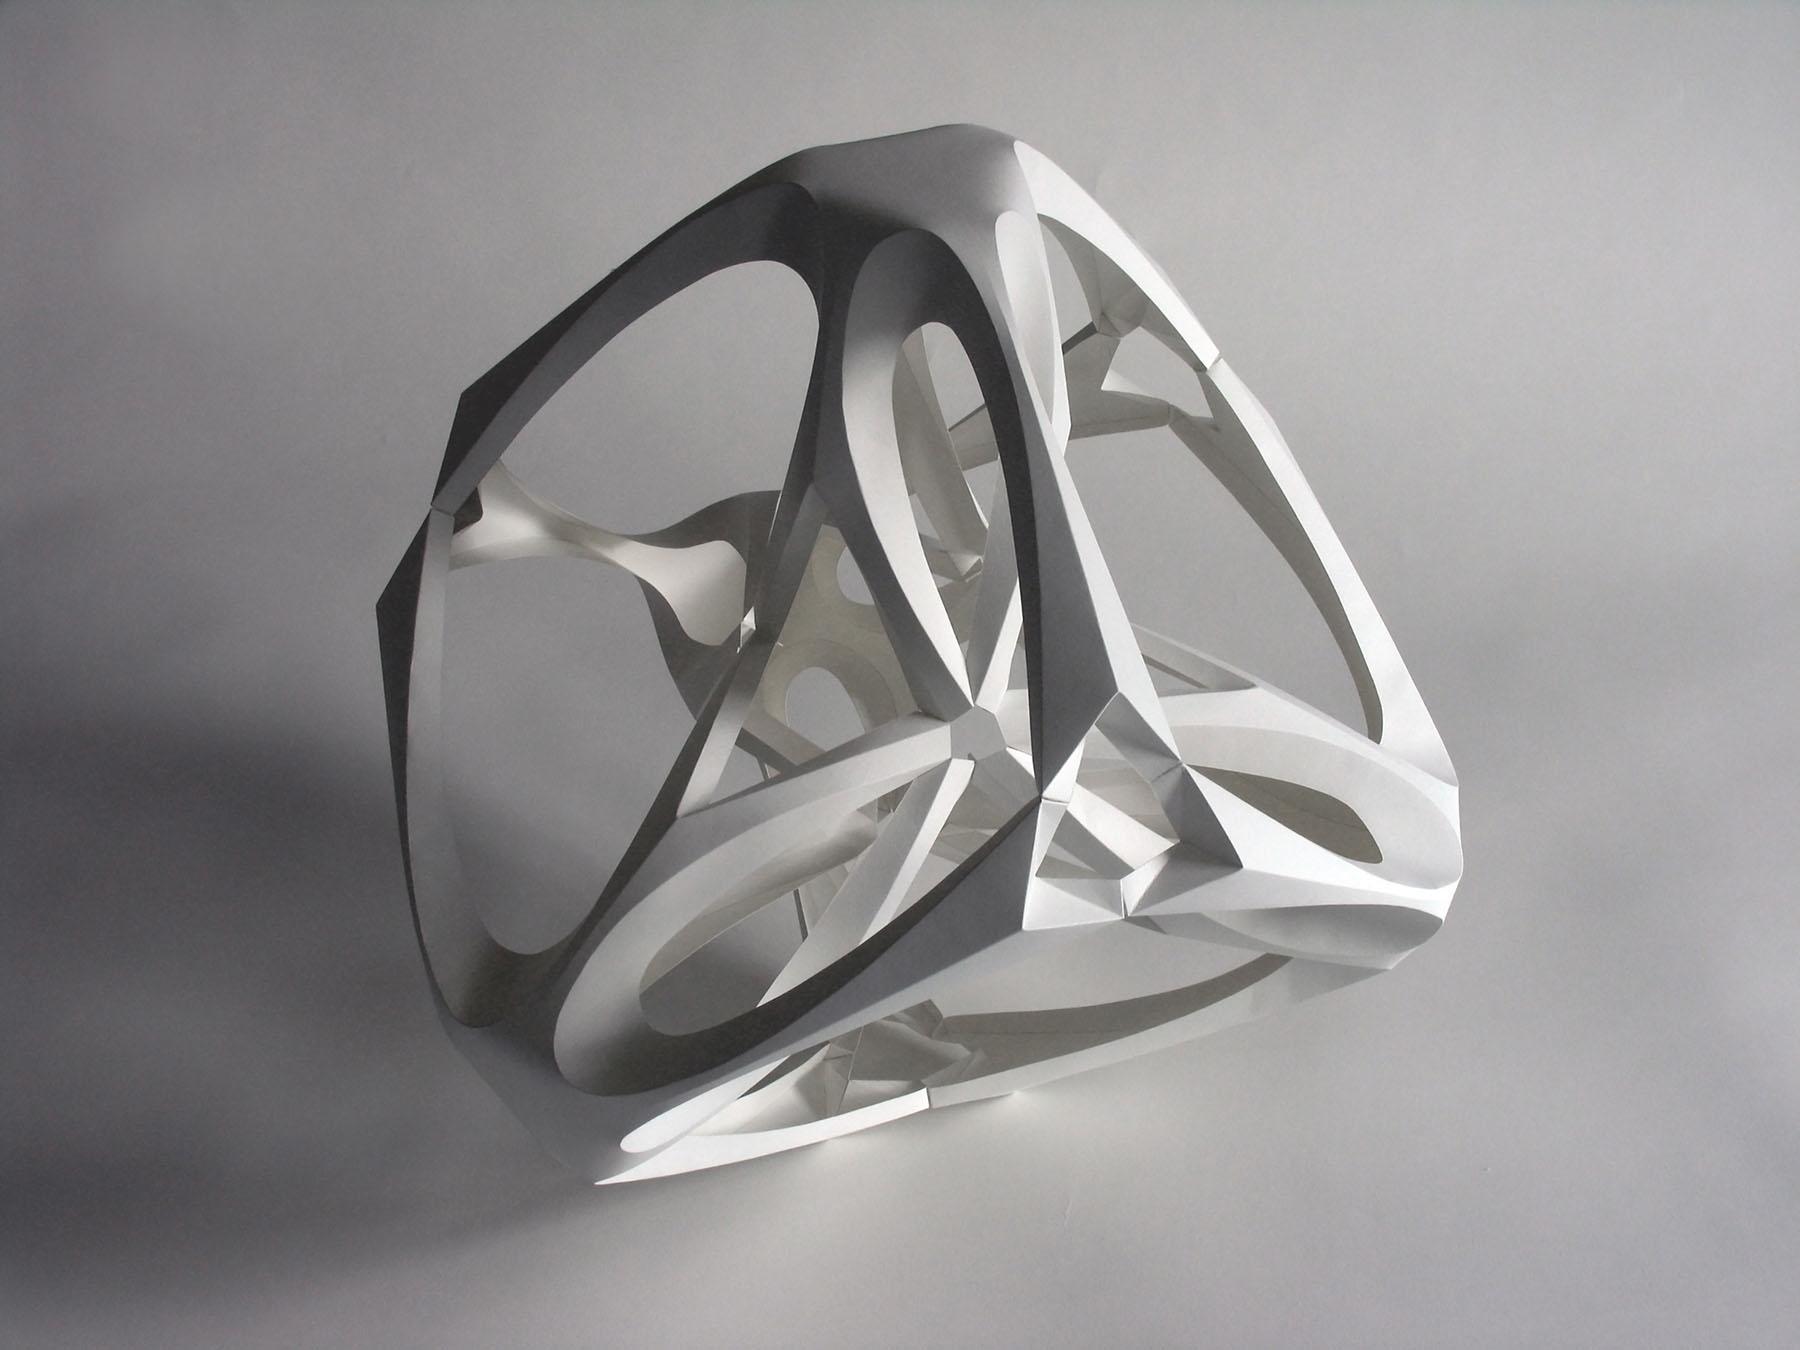 Объёмные бумажные скульптуры Ричарда Суини из плотного картона